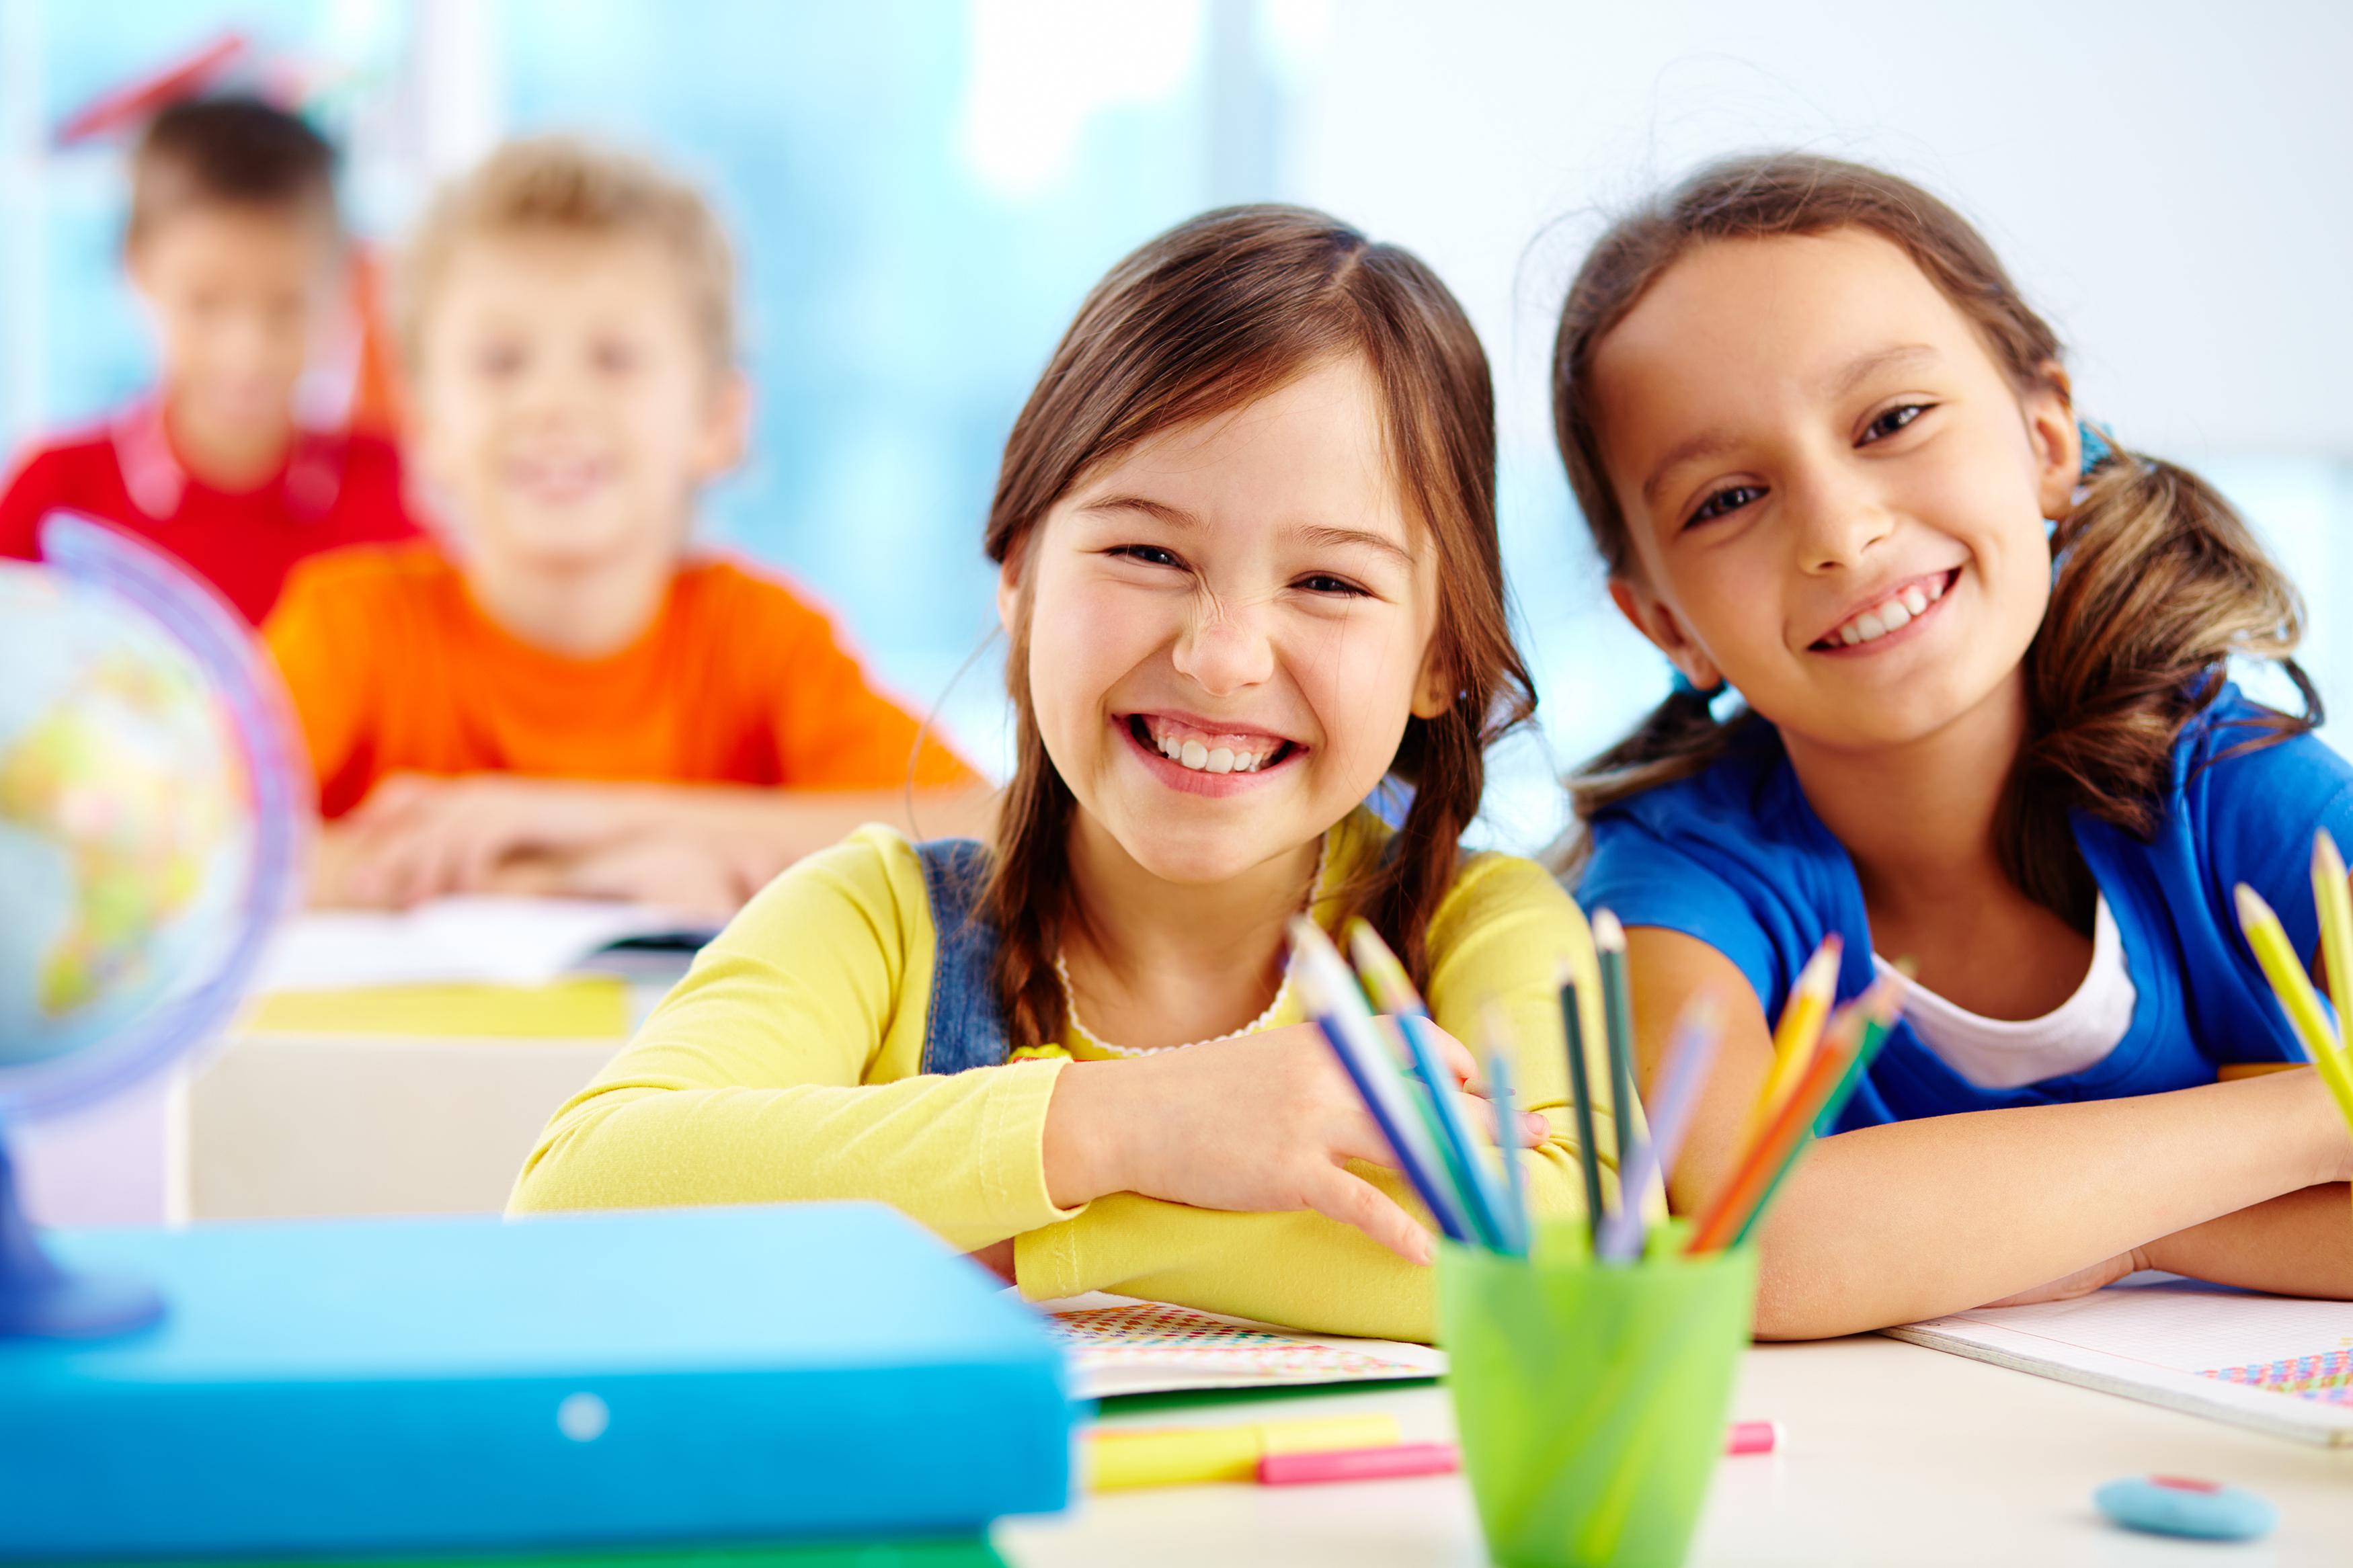 Соблюдение эпидемиологических норм в школах. Новости Днепра